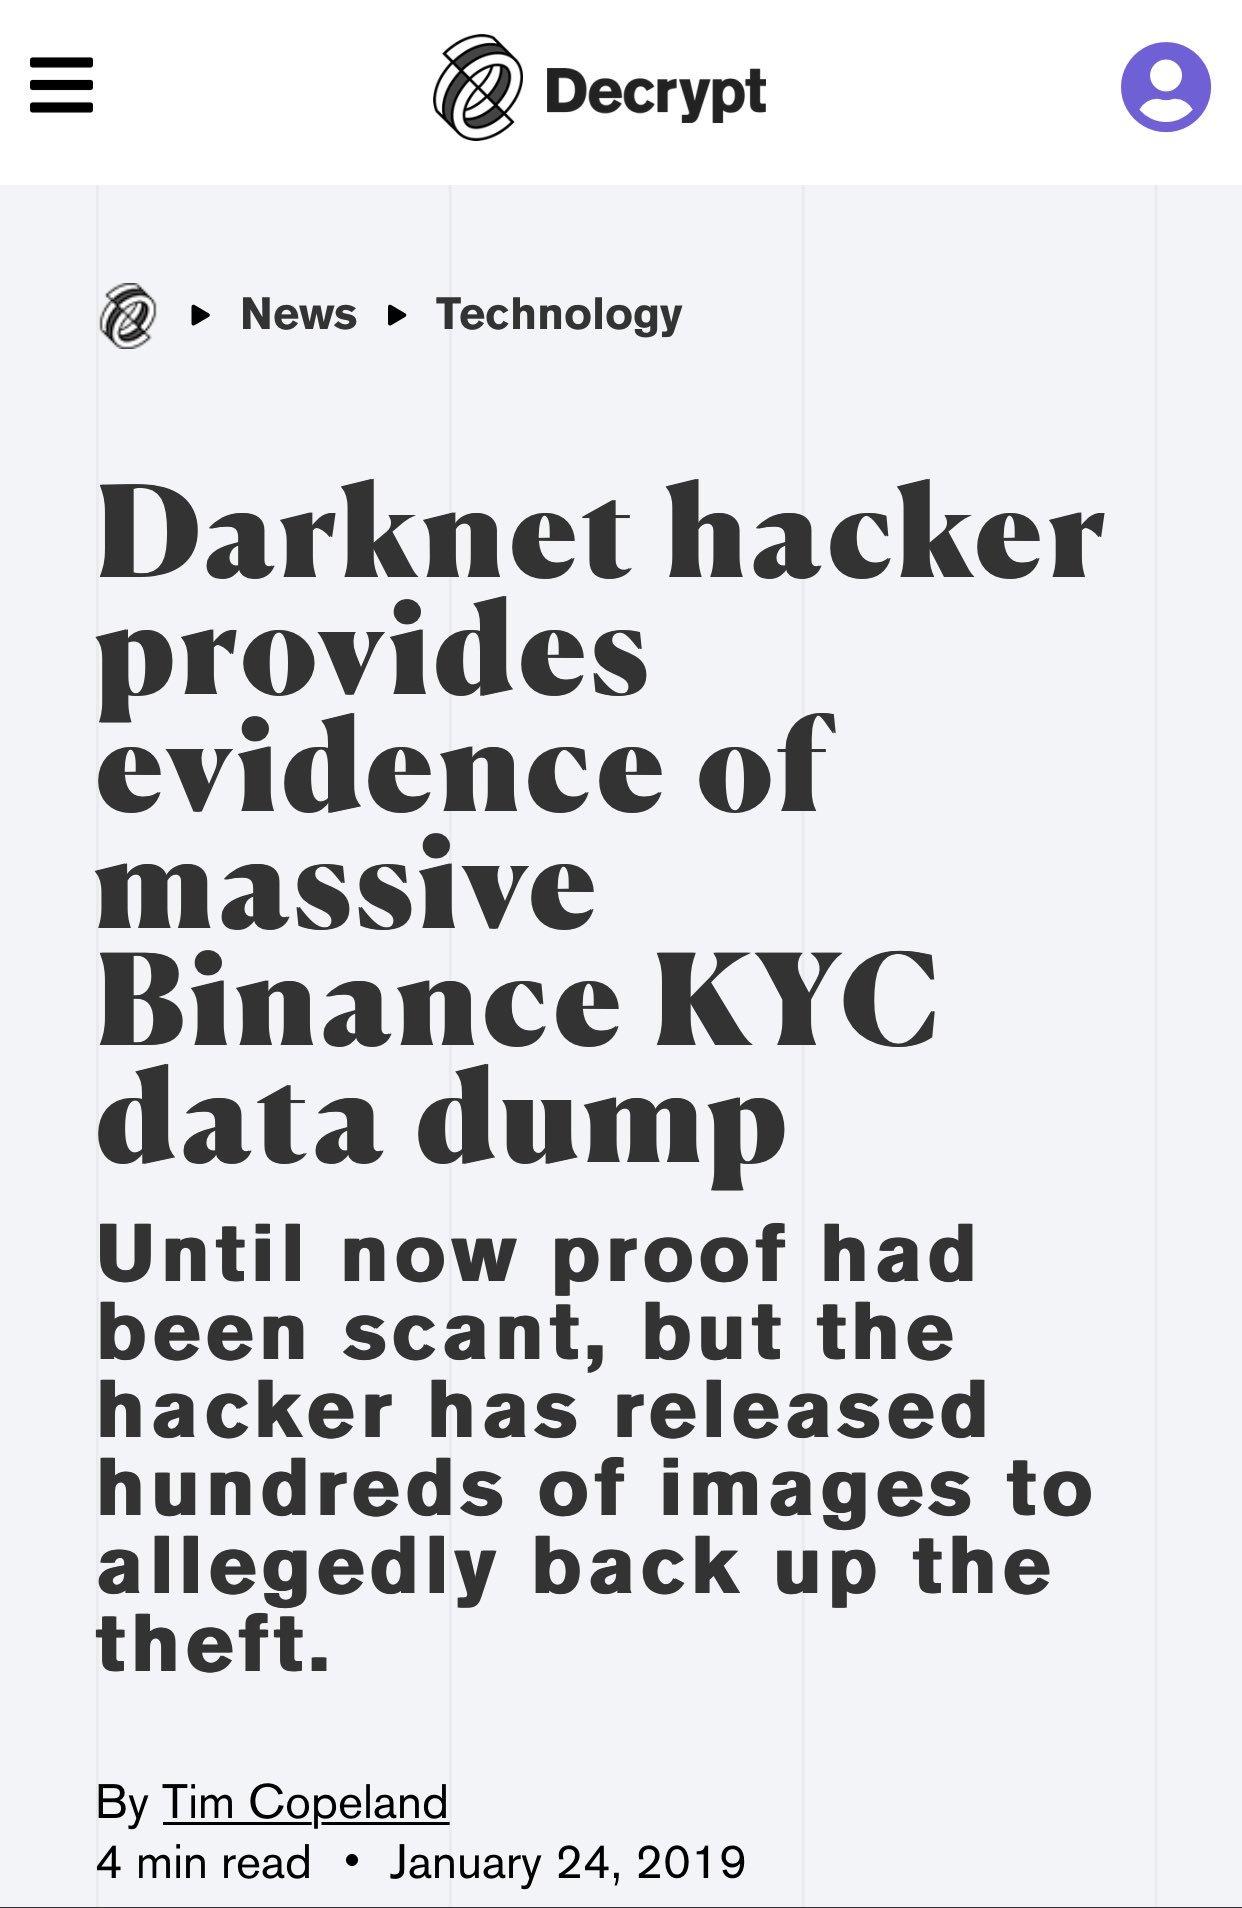 Decrypt darknet